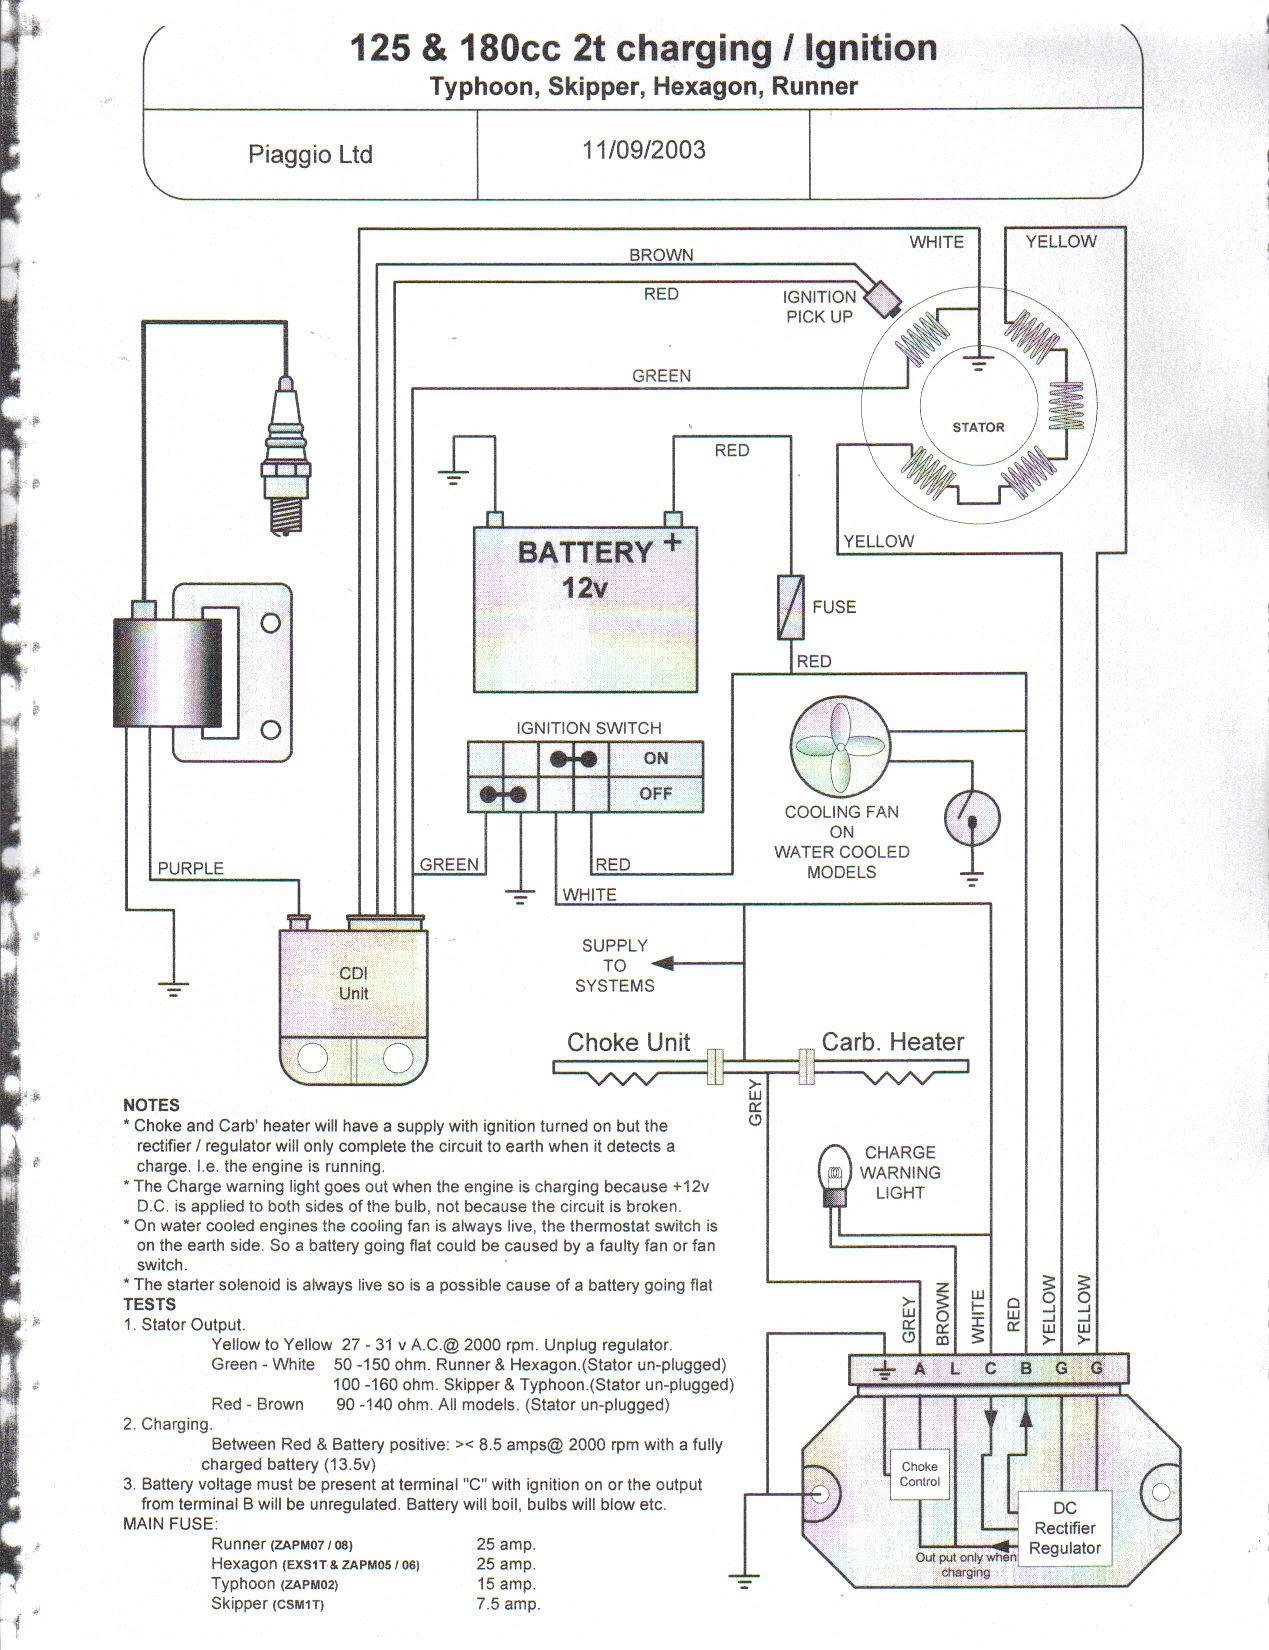 Diagram Road Runner Wiring Diagrams Full Version Hd Quality Wiring Diagrams Diagrampress Biorygen It